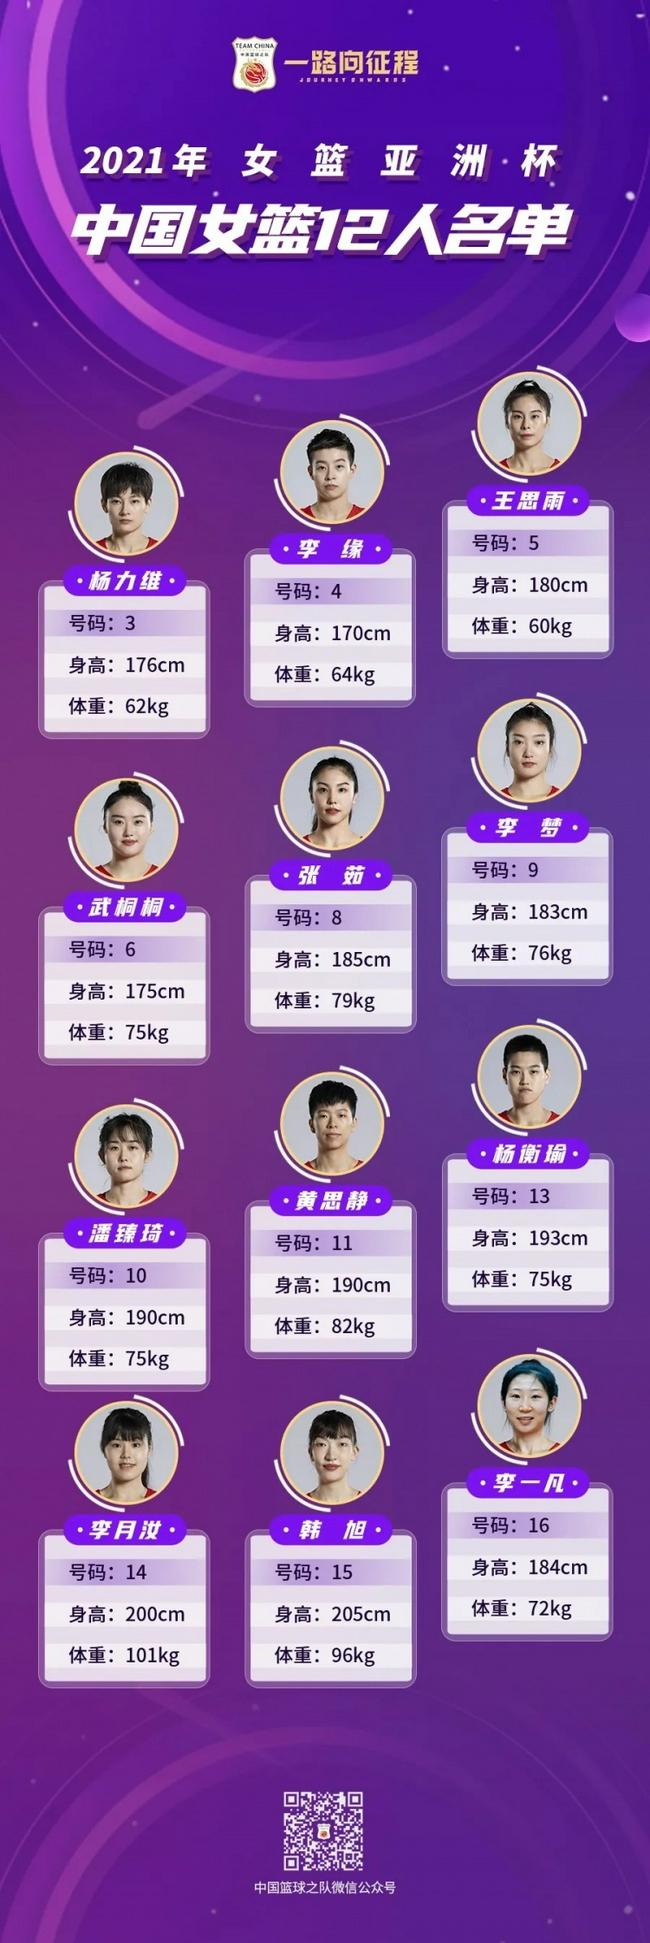 中国女篮亚洲杯